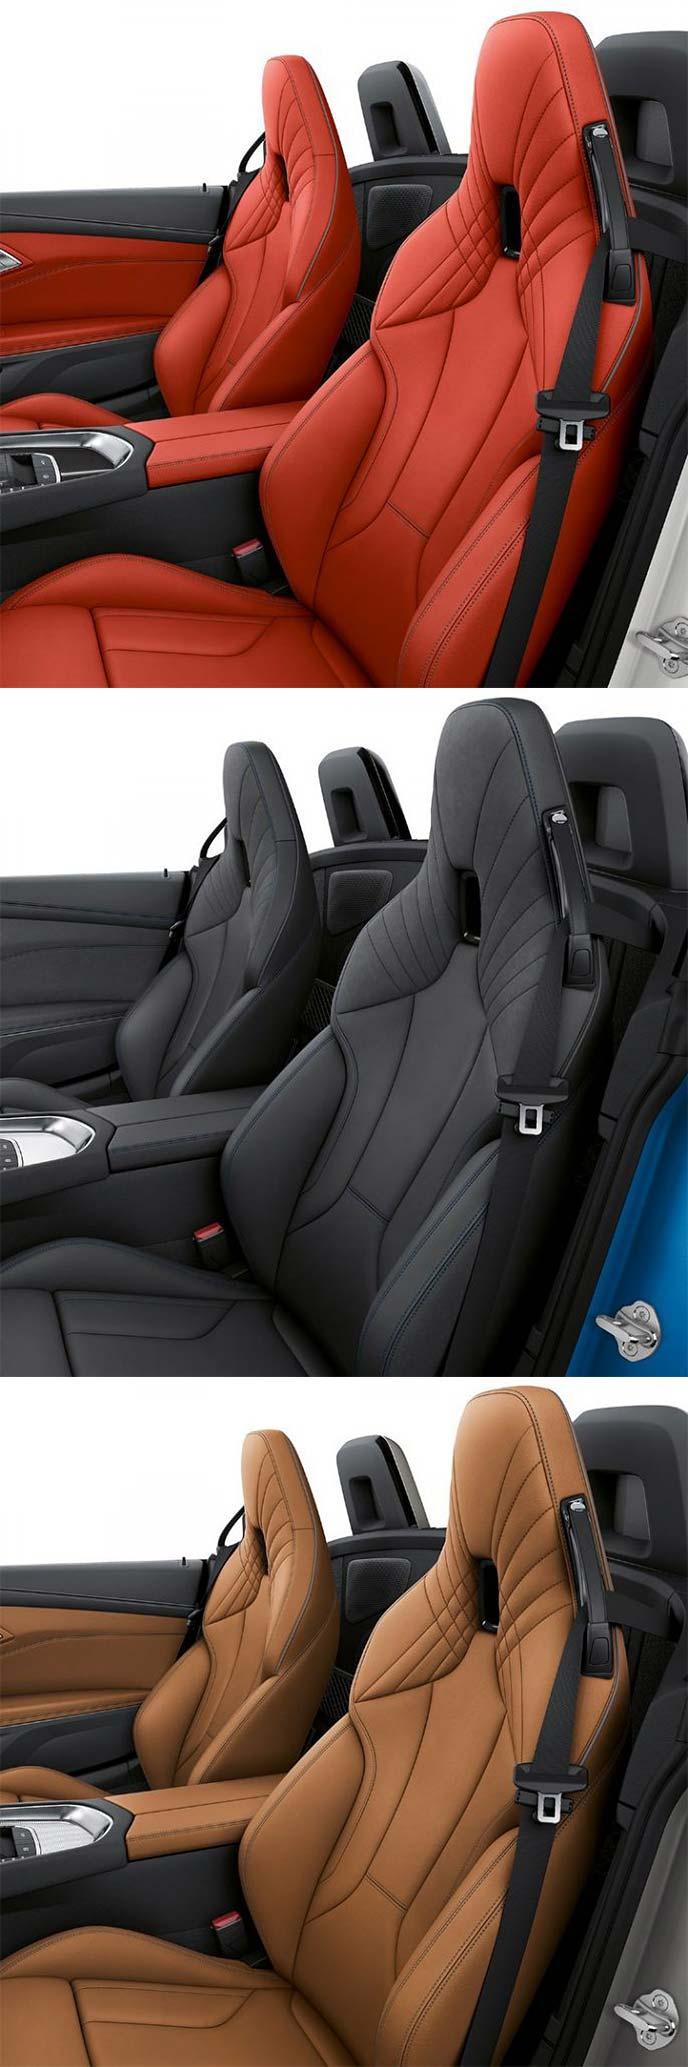 BMW Z4 スポーツ(上)Mスポーツ(中)M40i(下)のシート